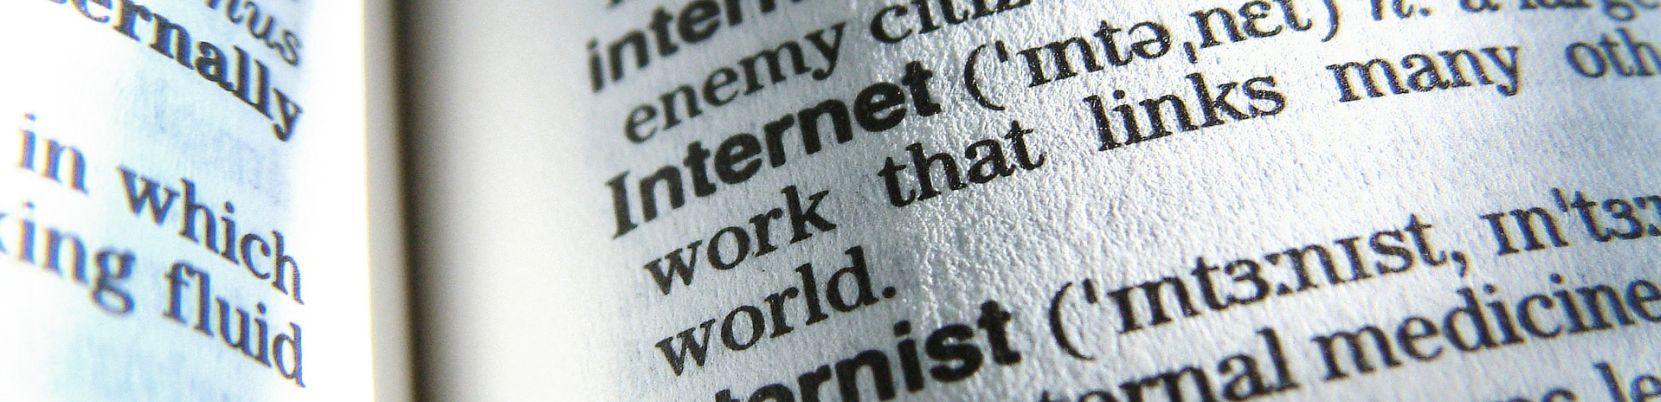 Prevajanje spletnih strani in besedil